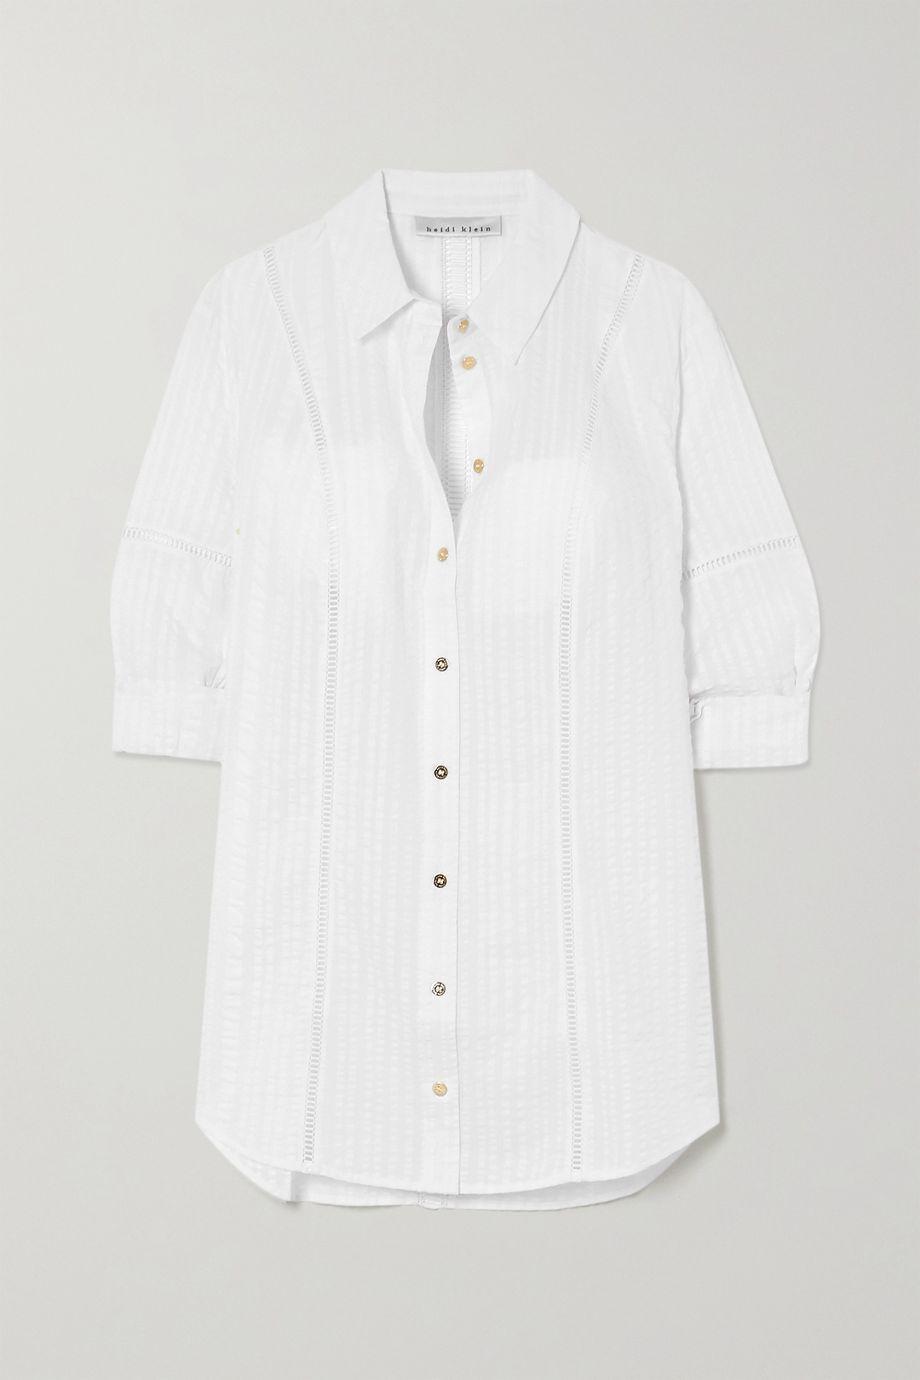 Heidi Klein Crocheted lace-trimmed cotton-seersucker shirt